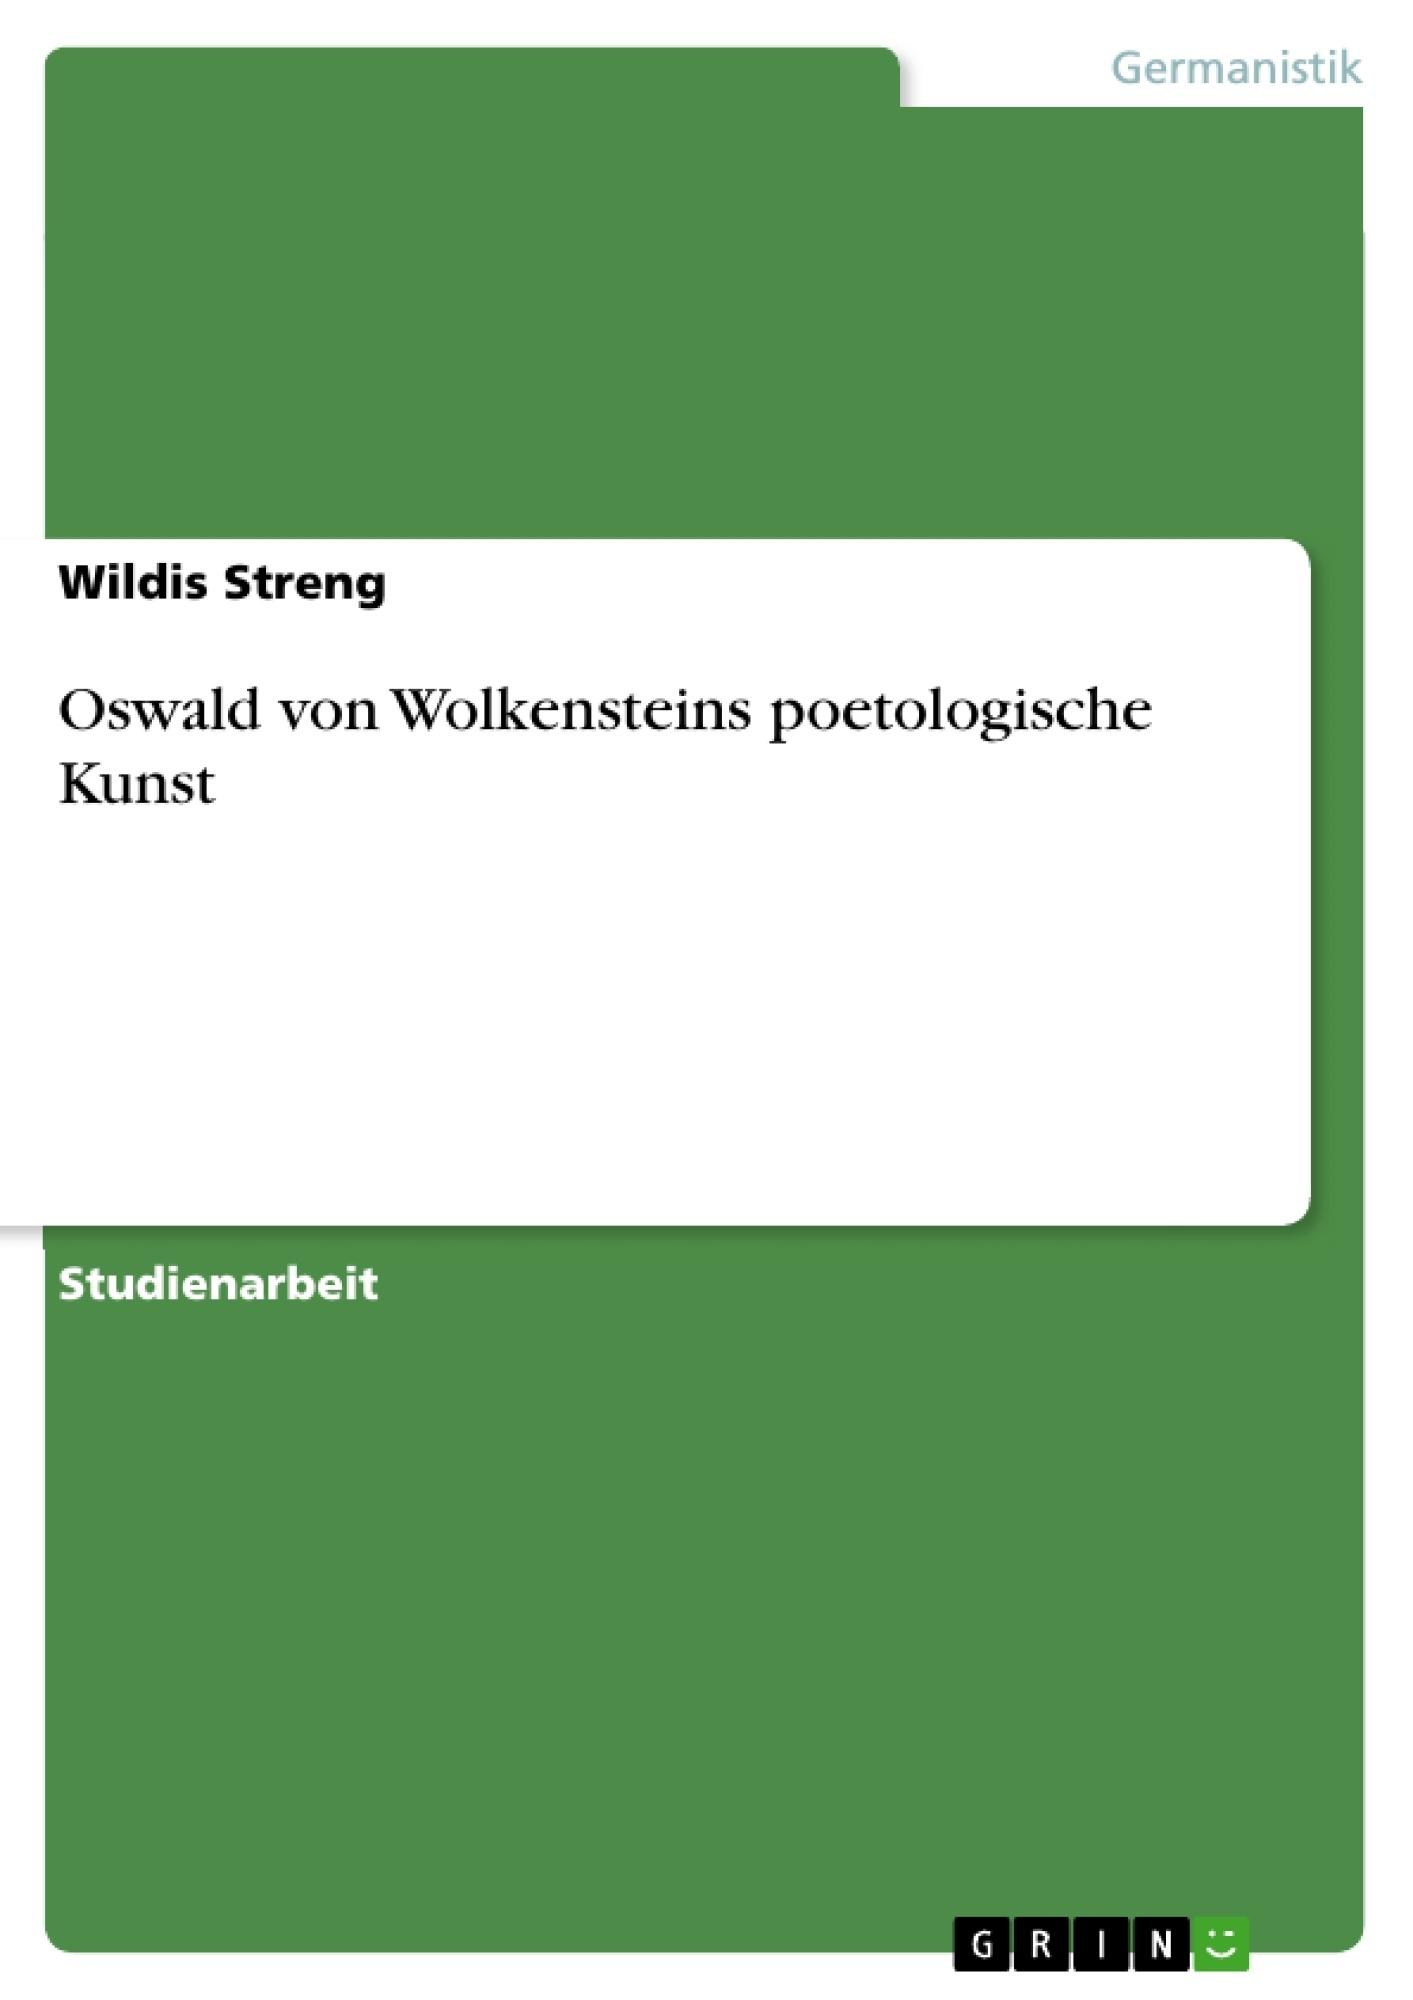 Titel: Oswald von Wolkensteins poetologische Kunst